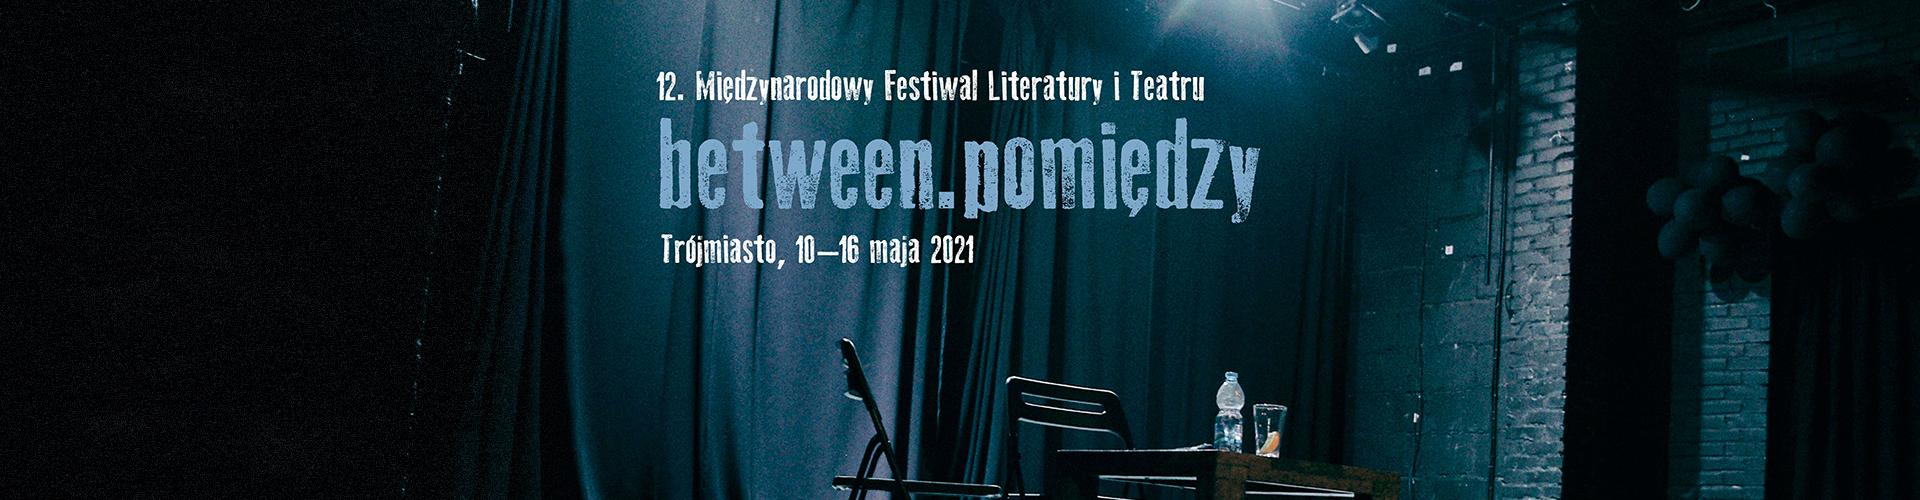 Spotkania, spektakle, konferencje. 12 Festiwal Literatury i Teatru Between. Pomiędzy